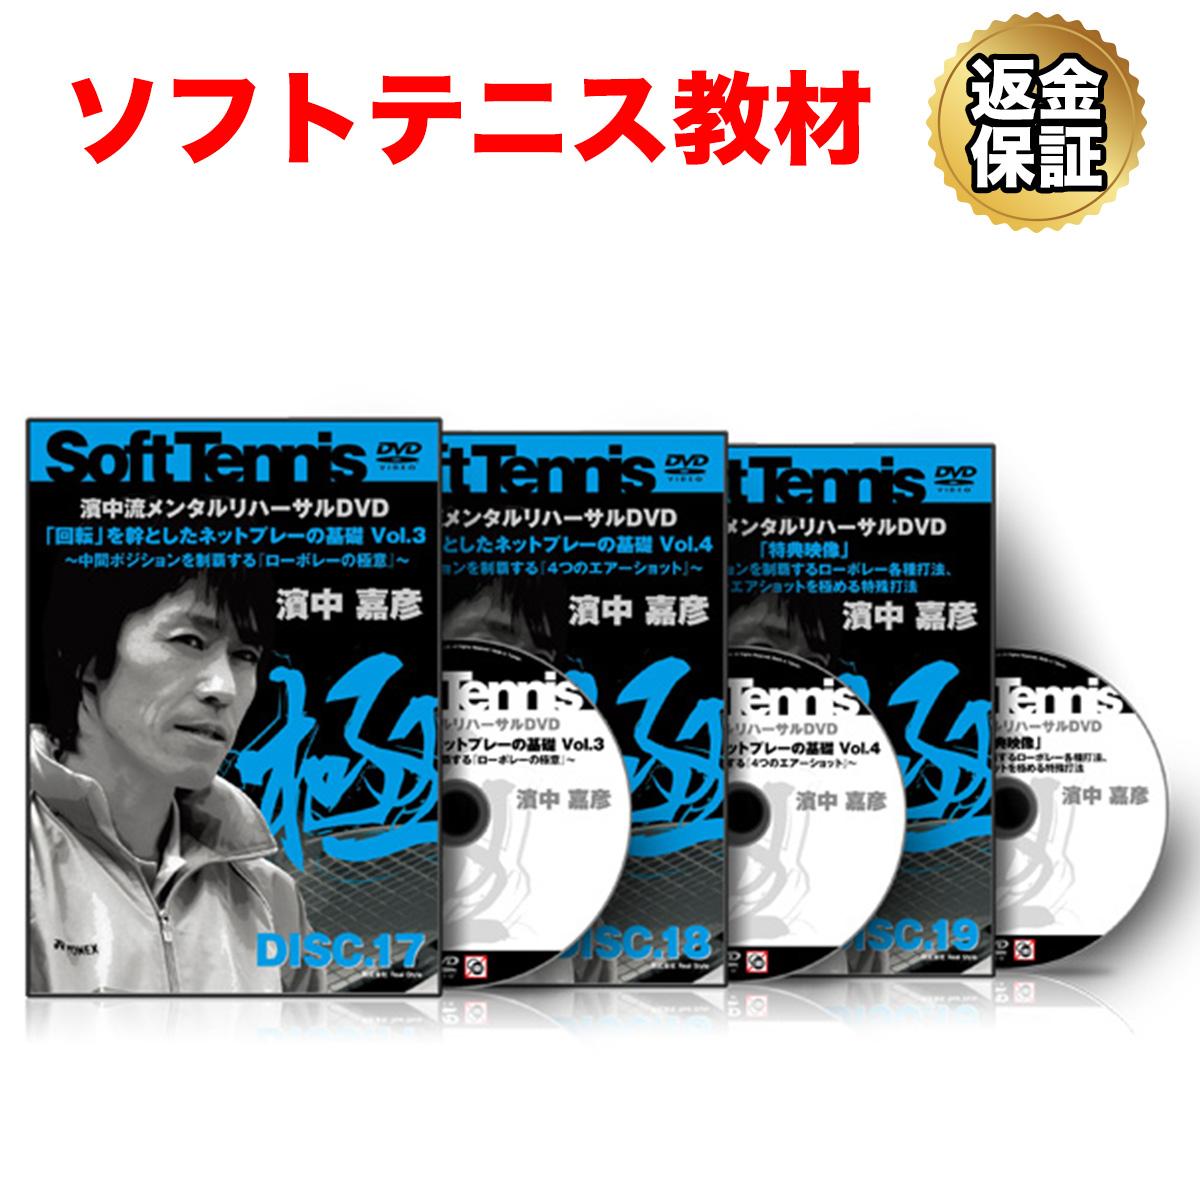 ソフトテニス 教材 DVD 濱中流メンタルリハーサル教材 DVD 5 (ローボレー) [Disc17-19]